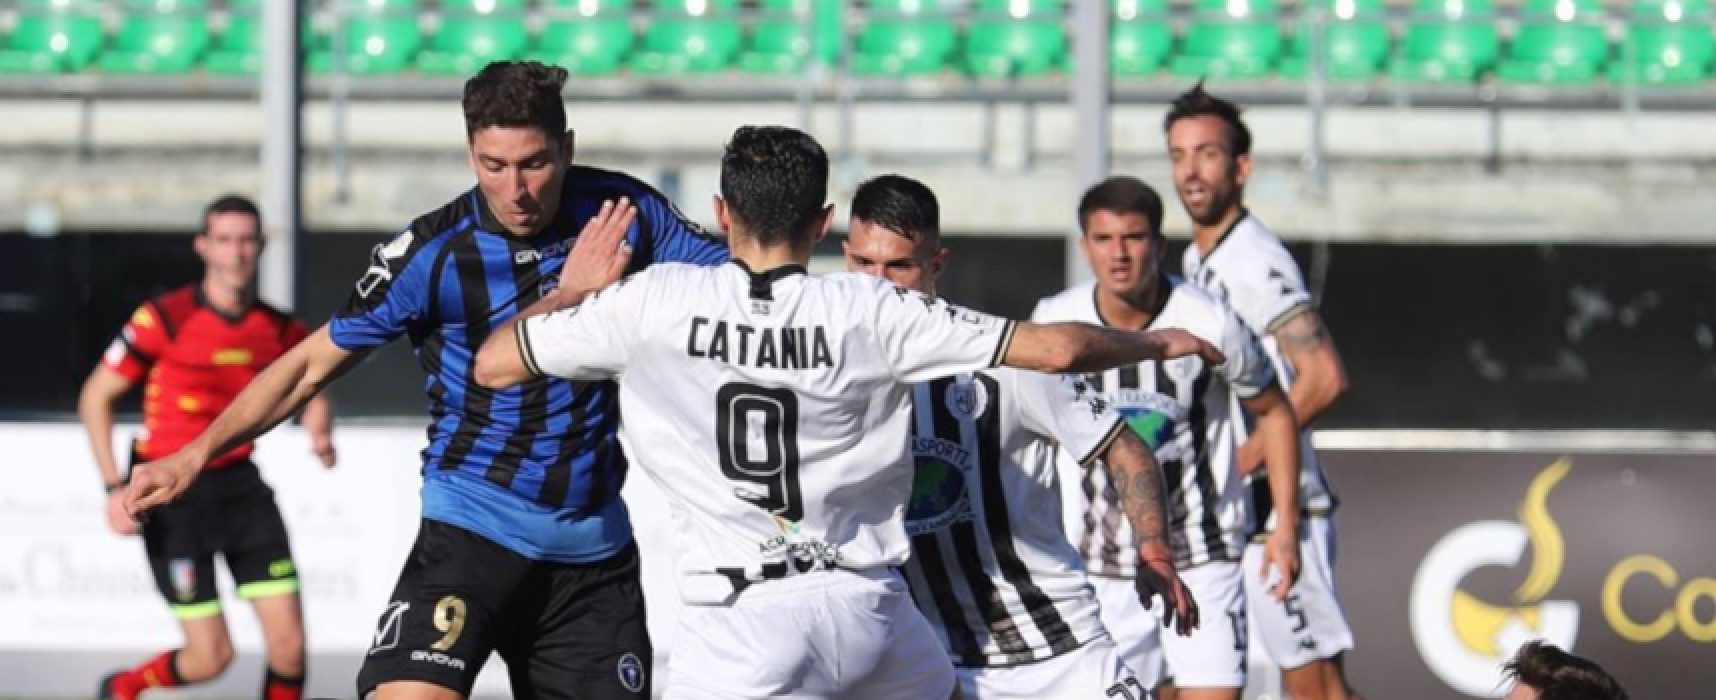 Bisceglie Calcio: contro la Sicula Leonzio in palio la permanenza in C